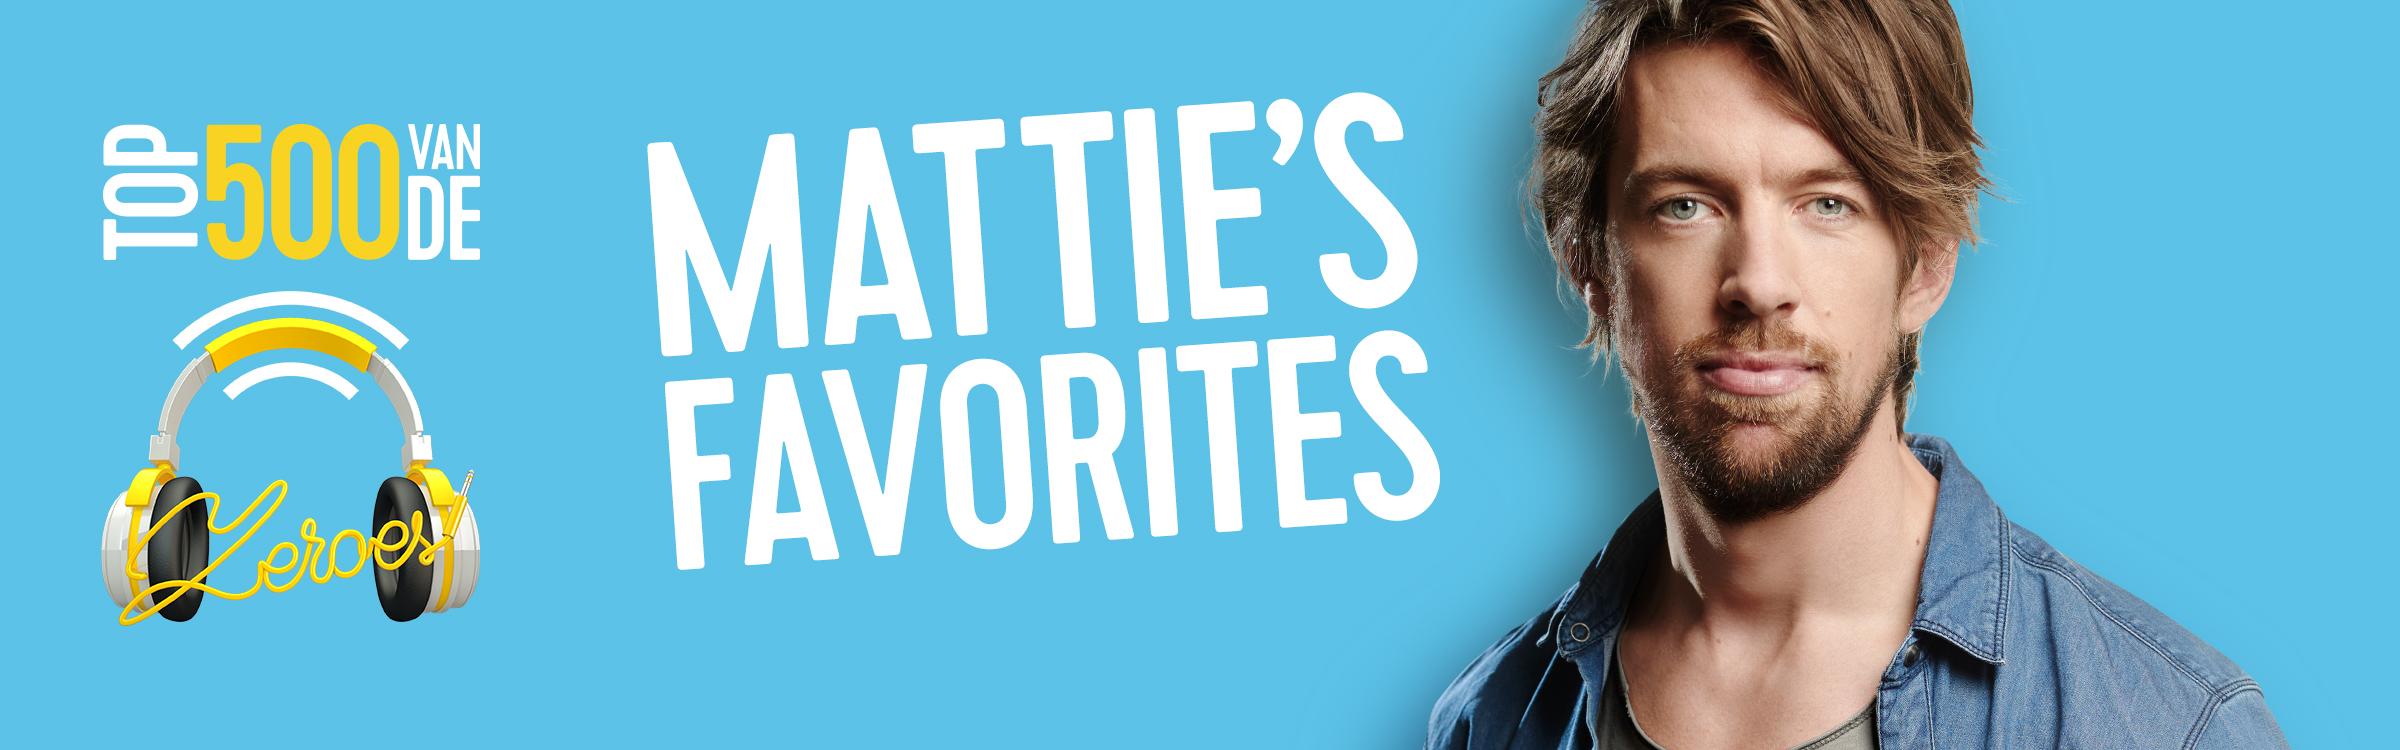 Mattie2